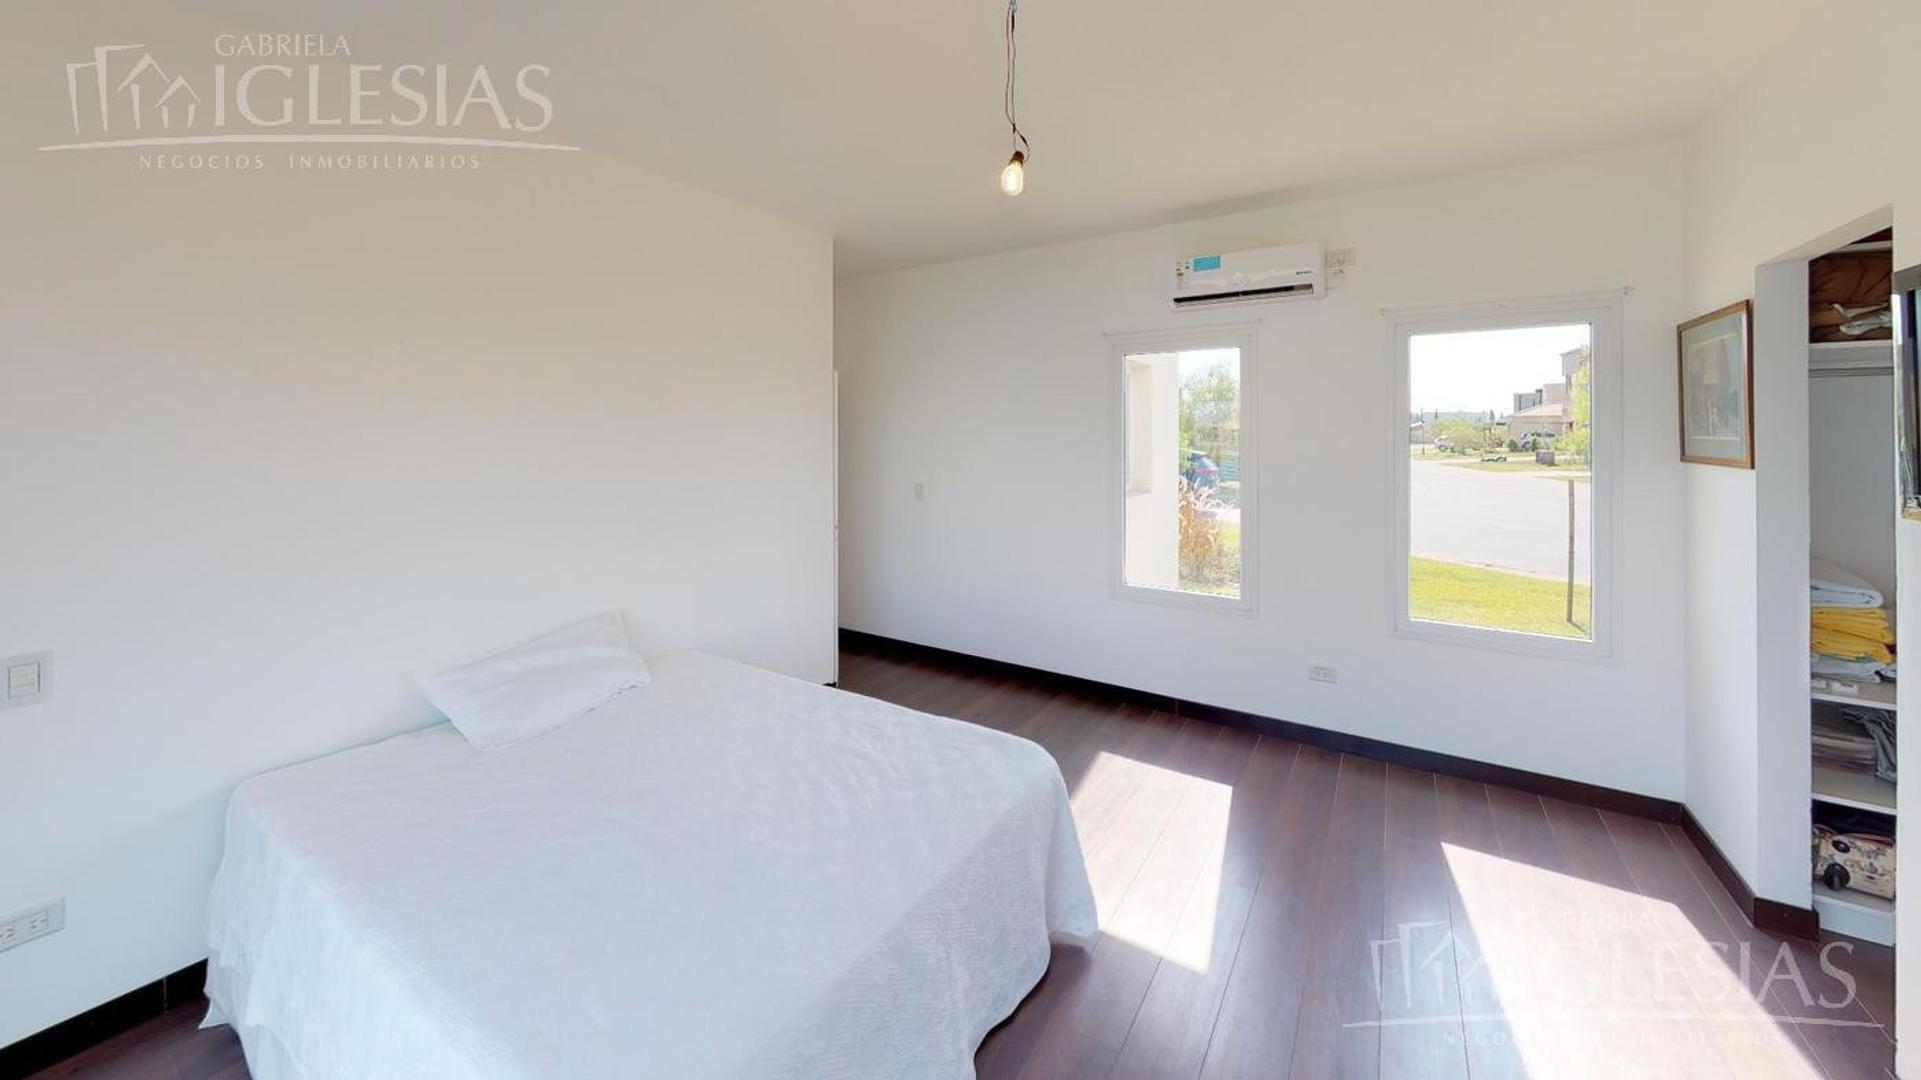 Casa al lago de 3 Dormitorios en Venta en San Gabriel, Tour 360º - Foto 15